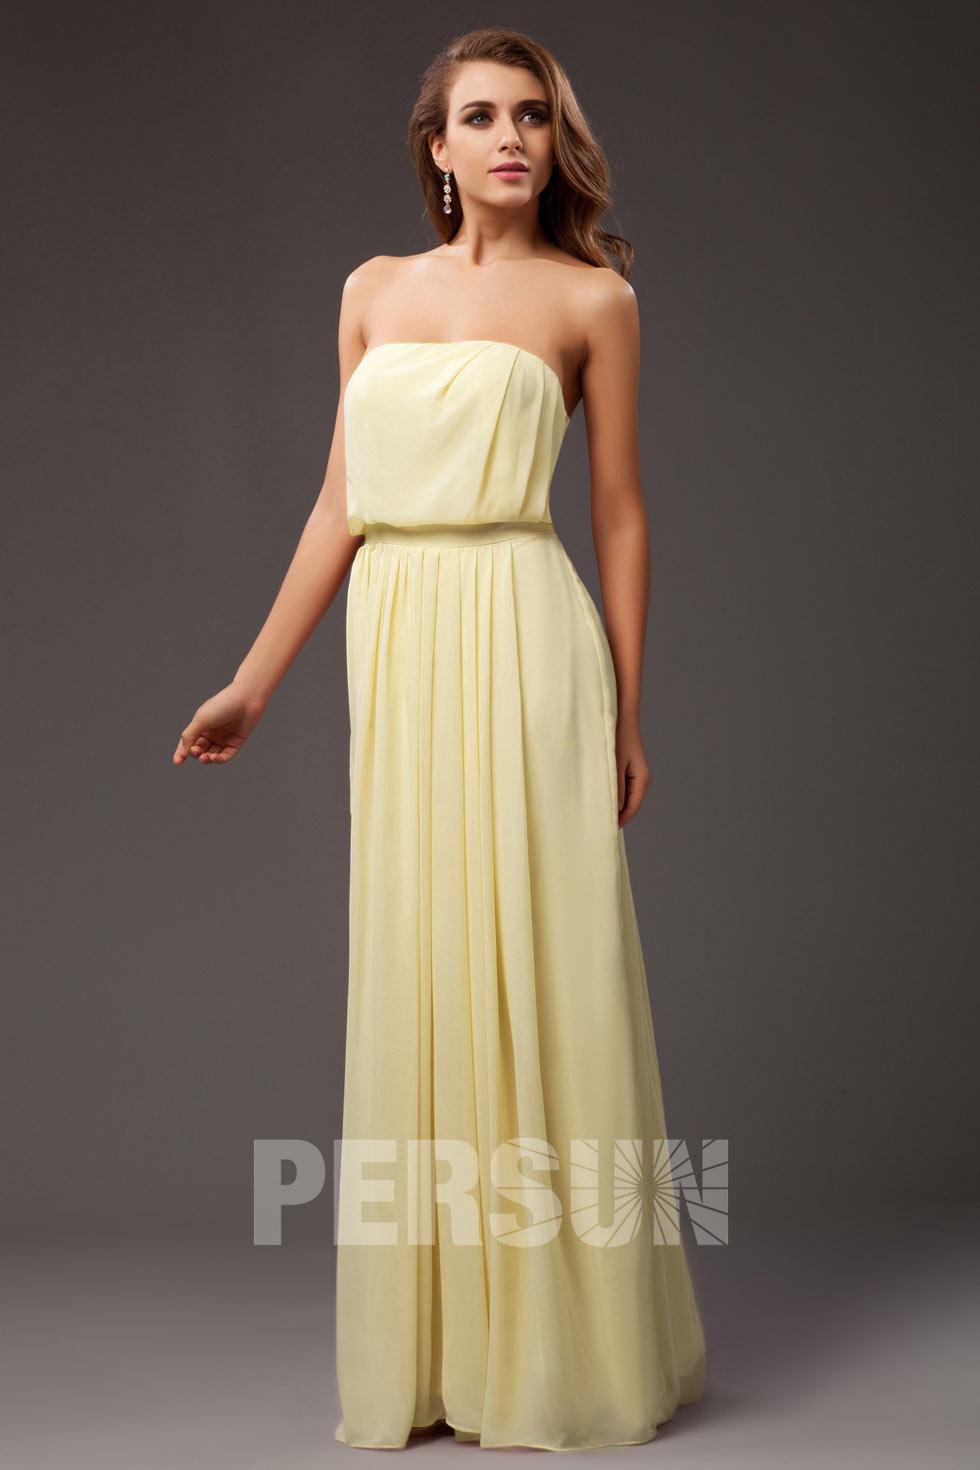 robe demoiselle d'honneur r mousseline fluideose bustier droitrobe de soirée longue jaune